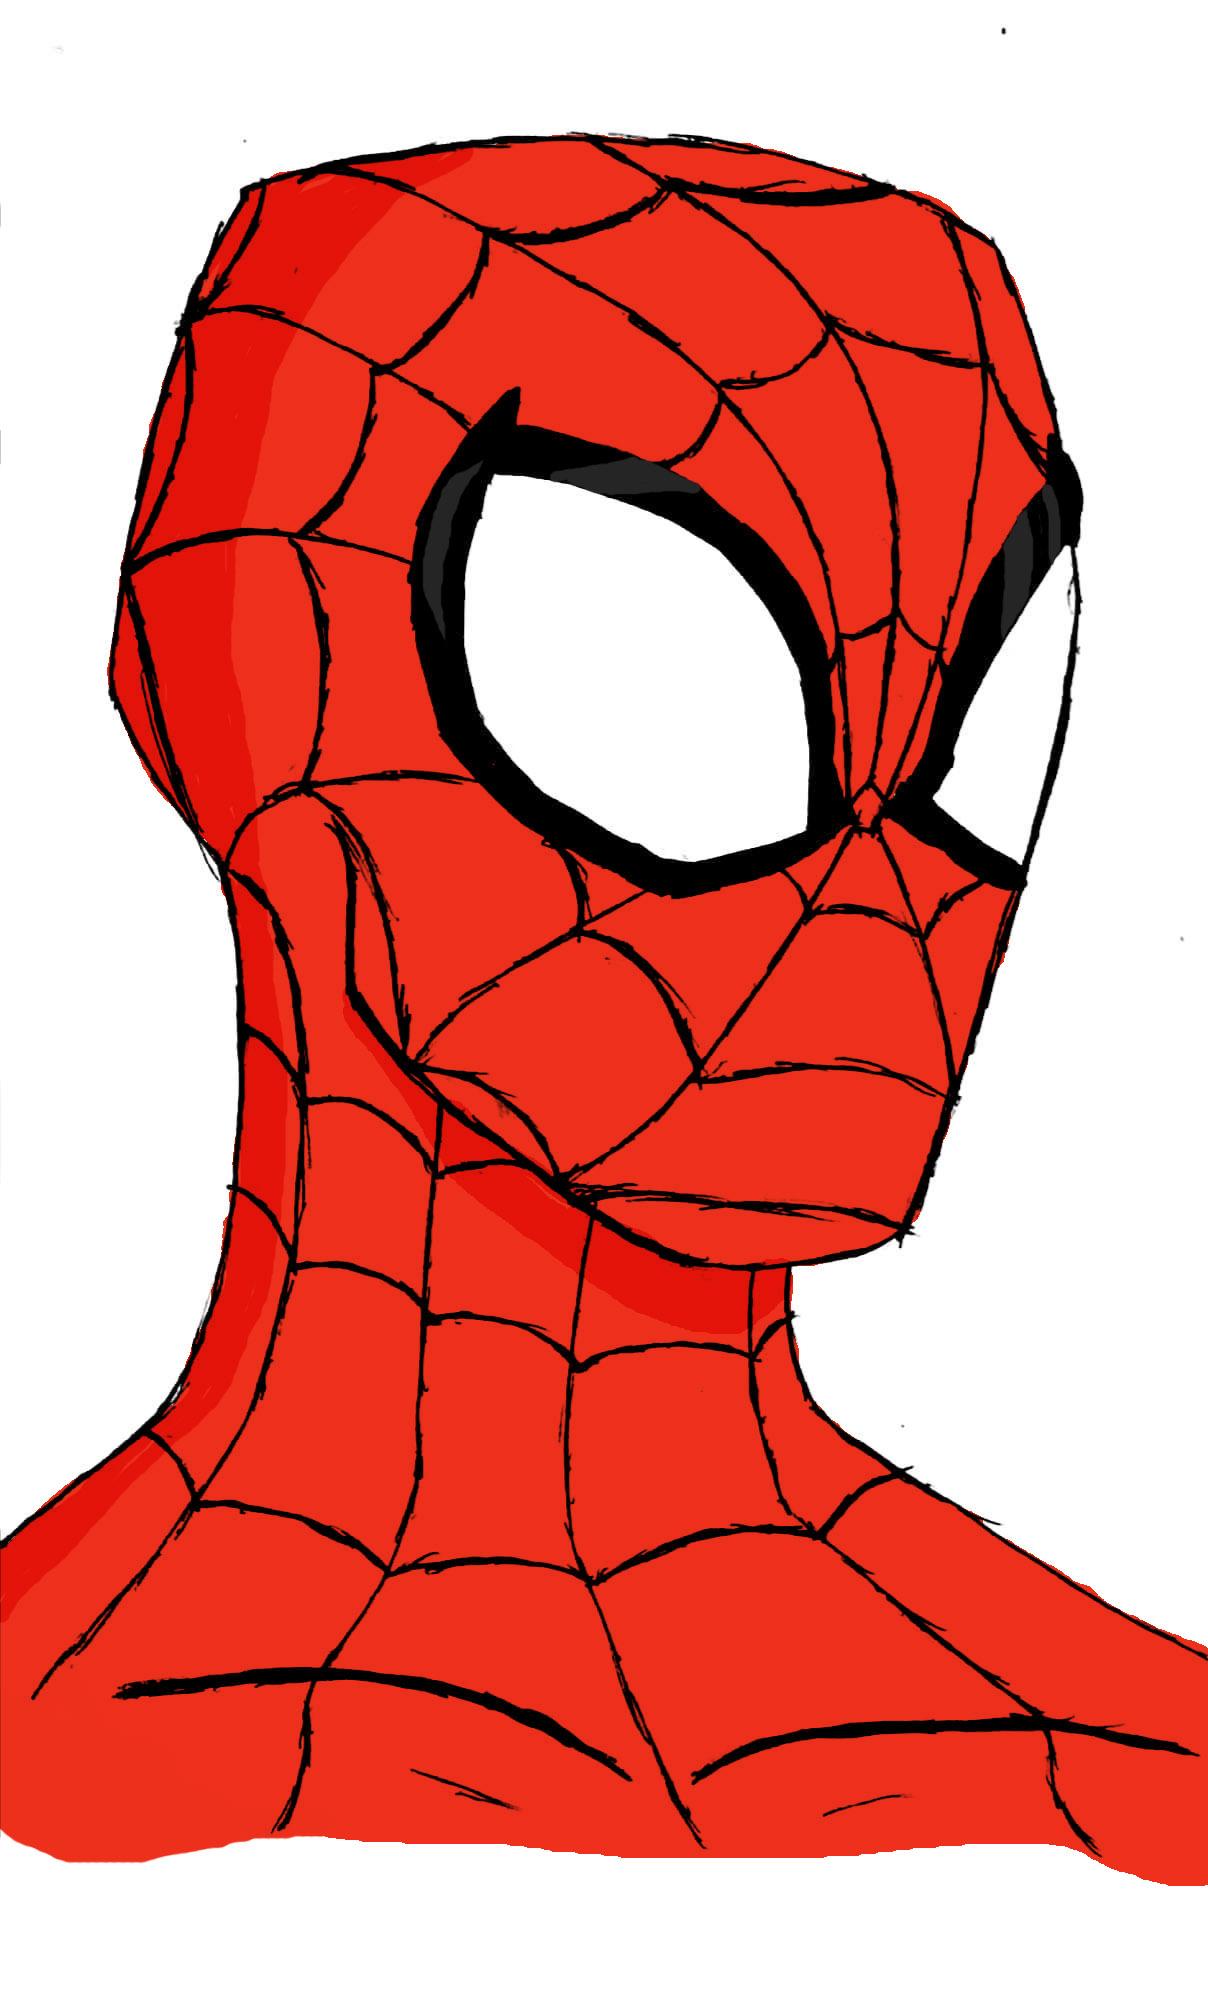 Spiderman - ahora en forma de fichas